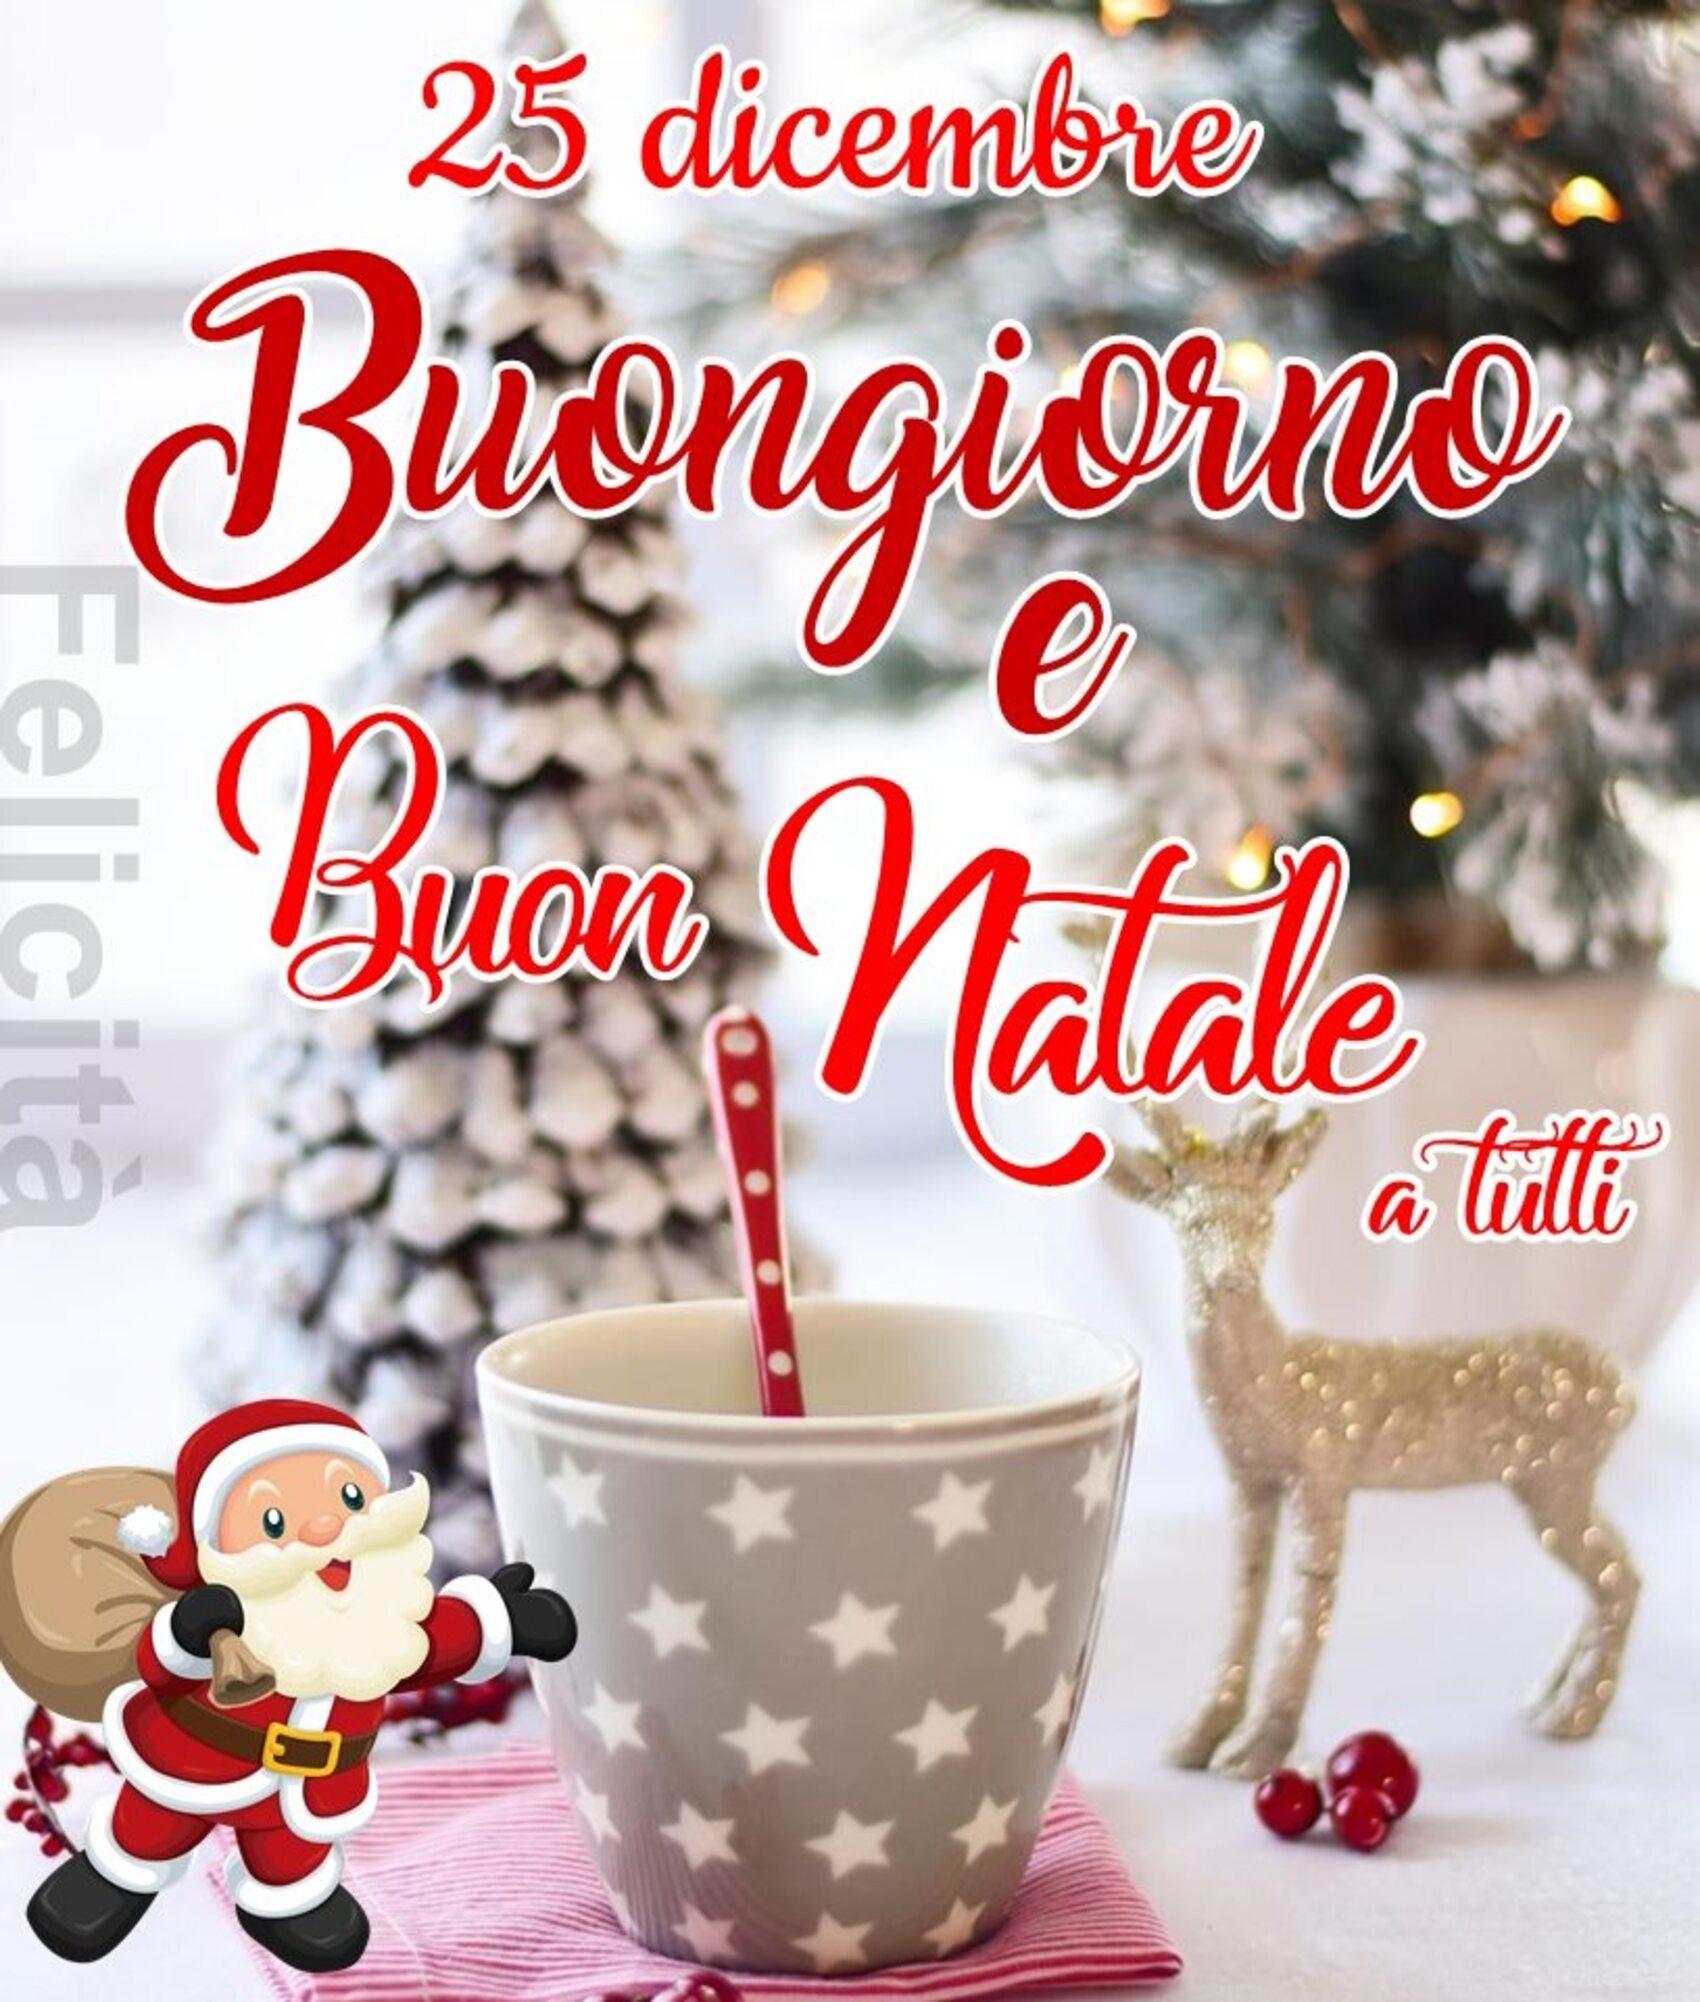 25 dicembre buongiorno e Buon Natale